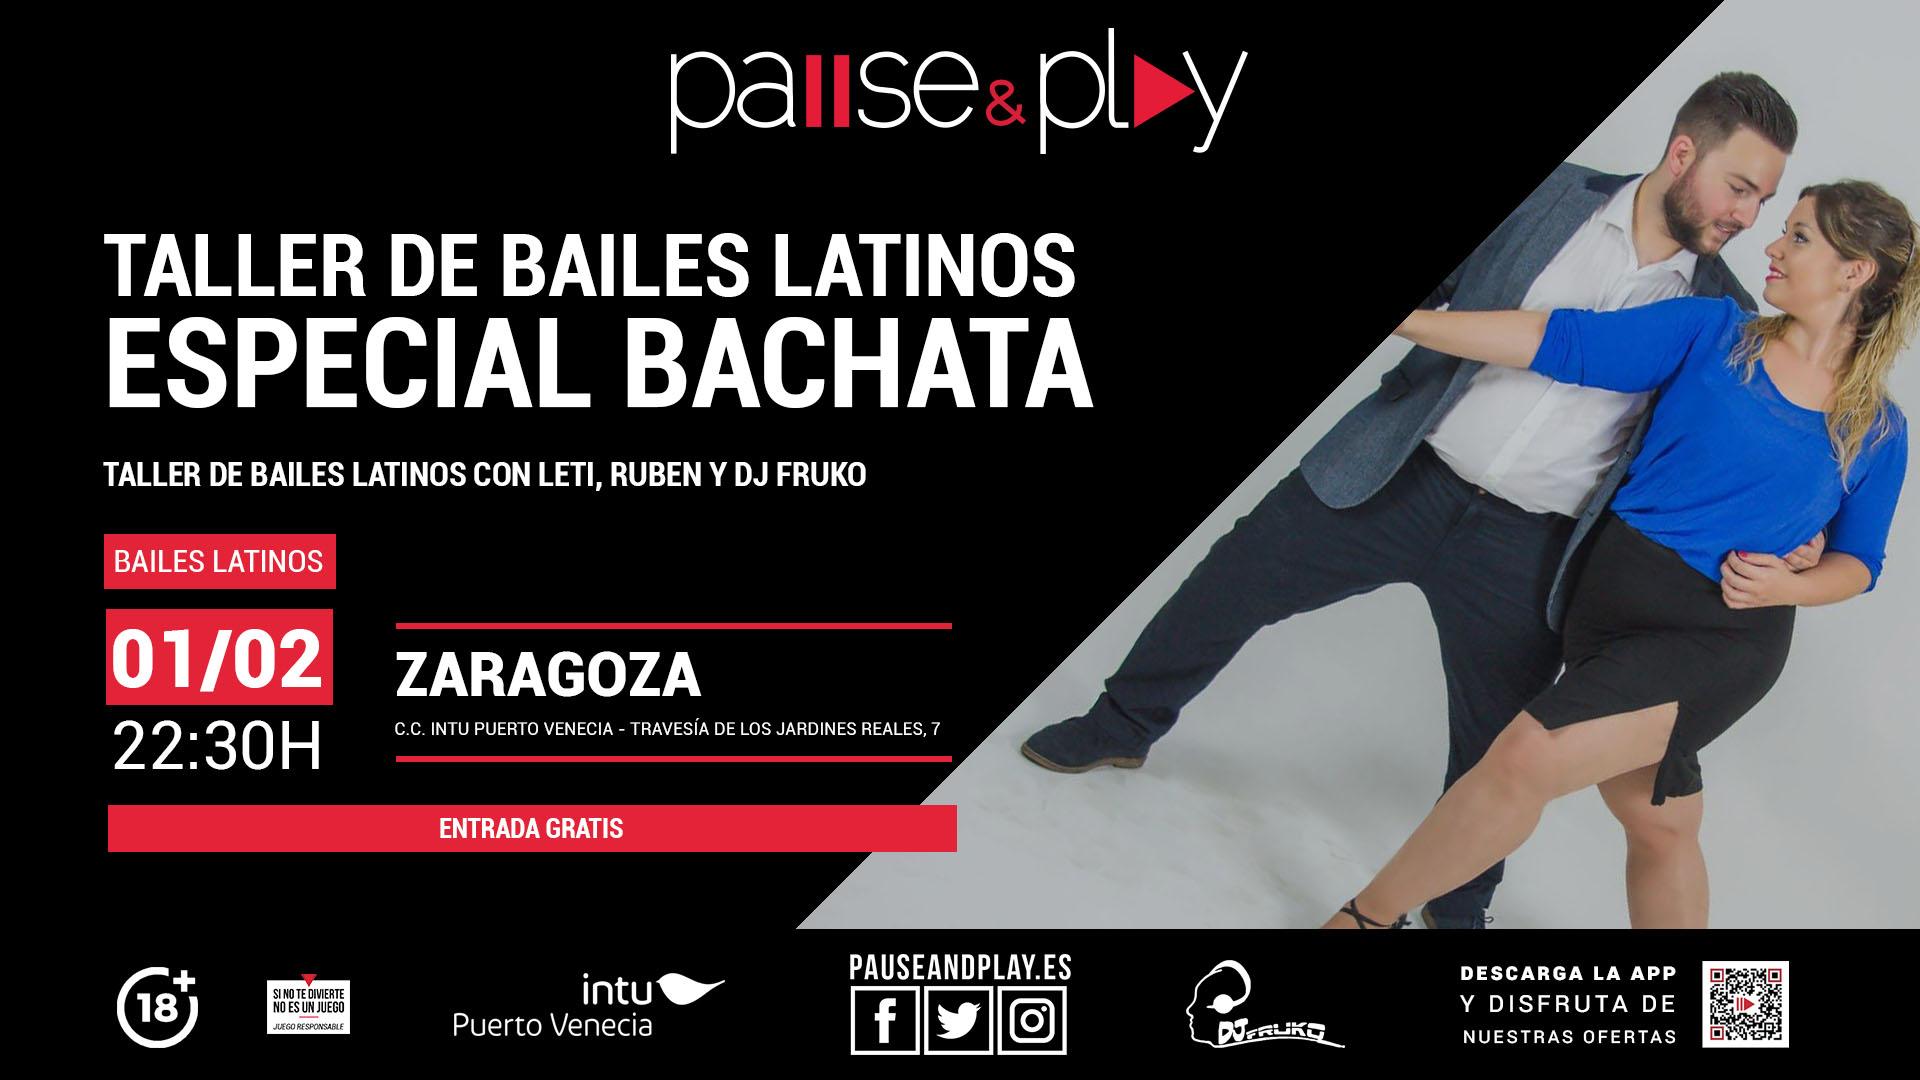 TALLER DE BAILES LATINOS ESPECIAL BACHATA